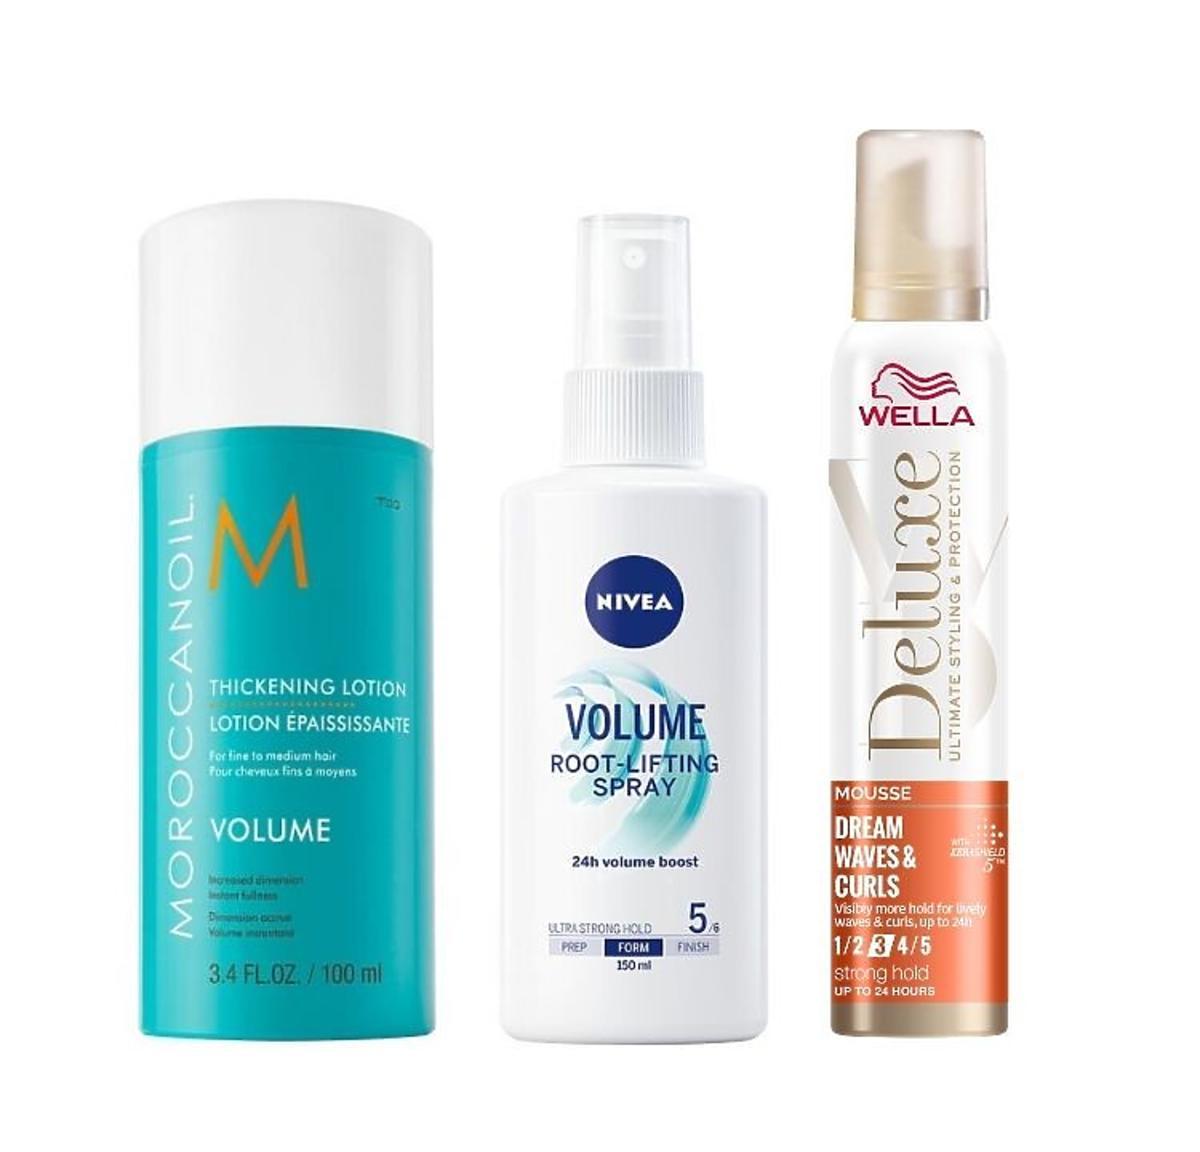 Najlepsze fryzury walentynkowe, które zrobisz w pięć minut /kosmetyki: Morroccanoil, Nivea, Wella